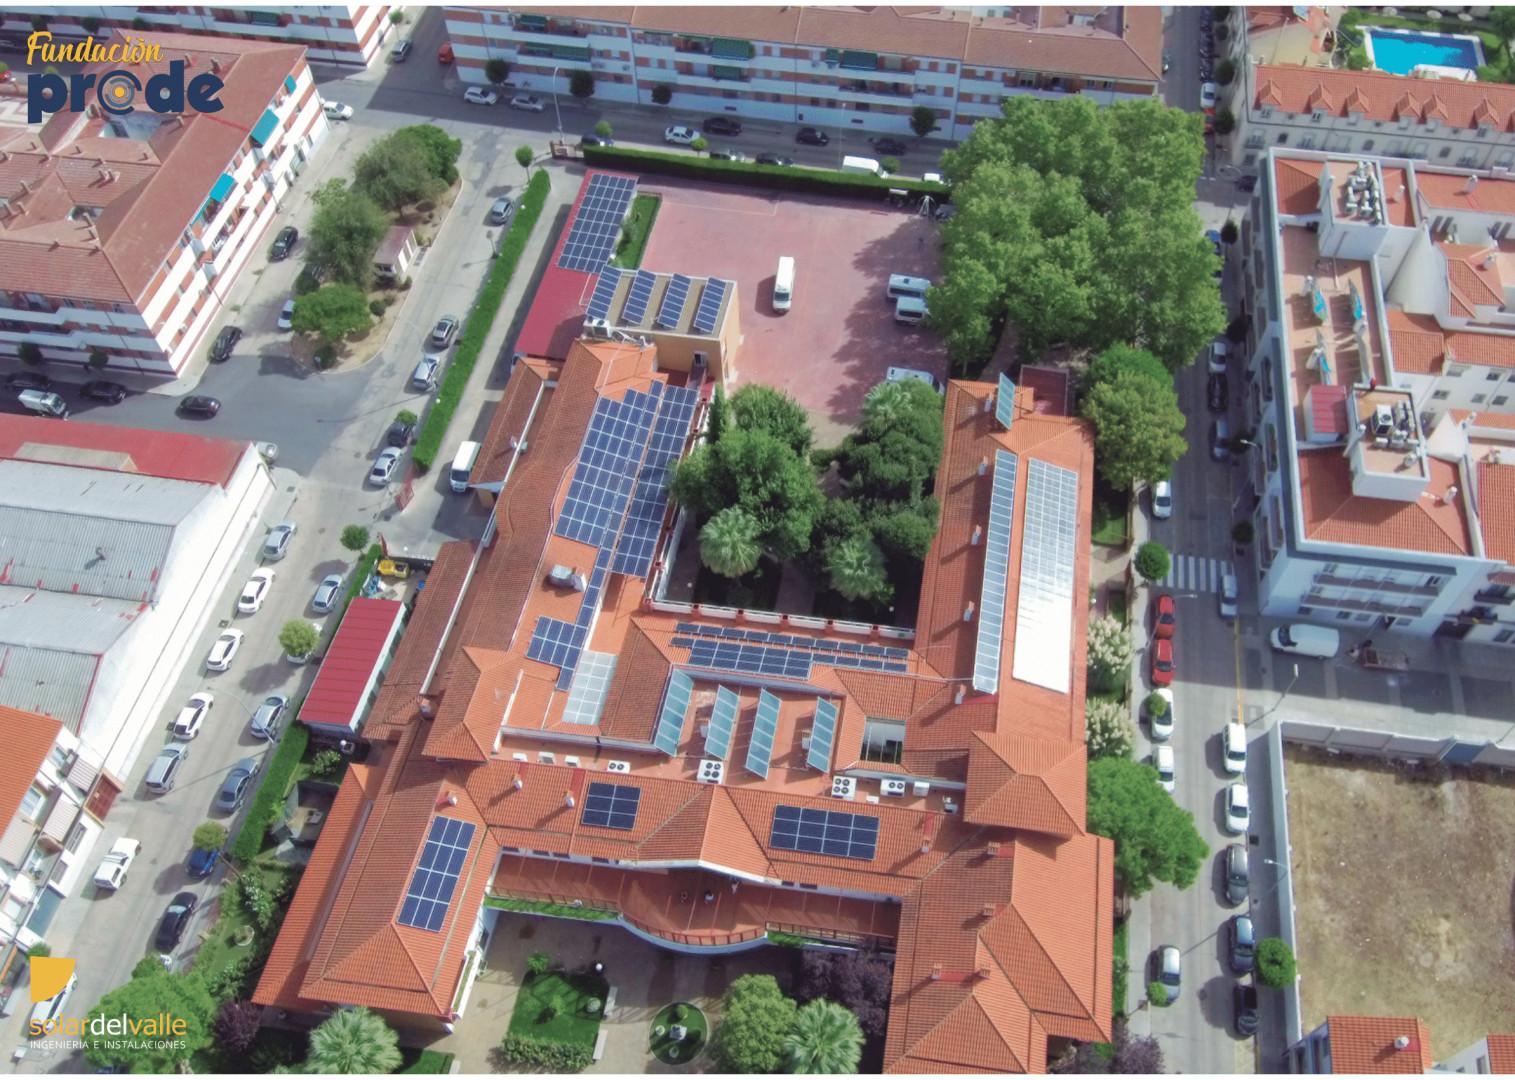 Instalación de Autoconsumo FV de 81,12 kWp en edificio terciario, Fundación PRODE, en Pozoblanco, Córdoba